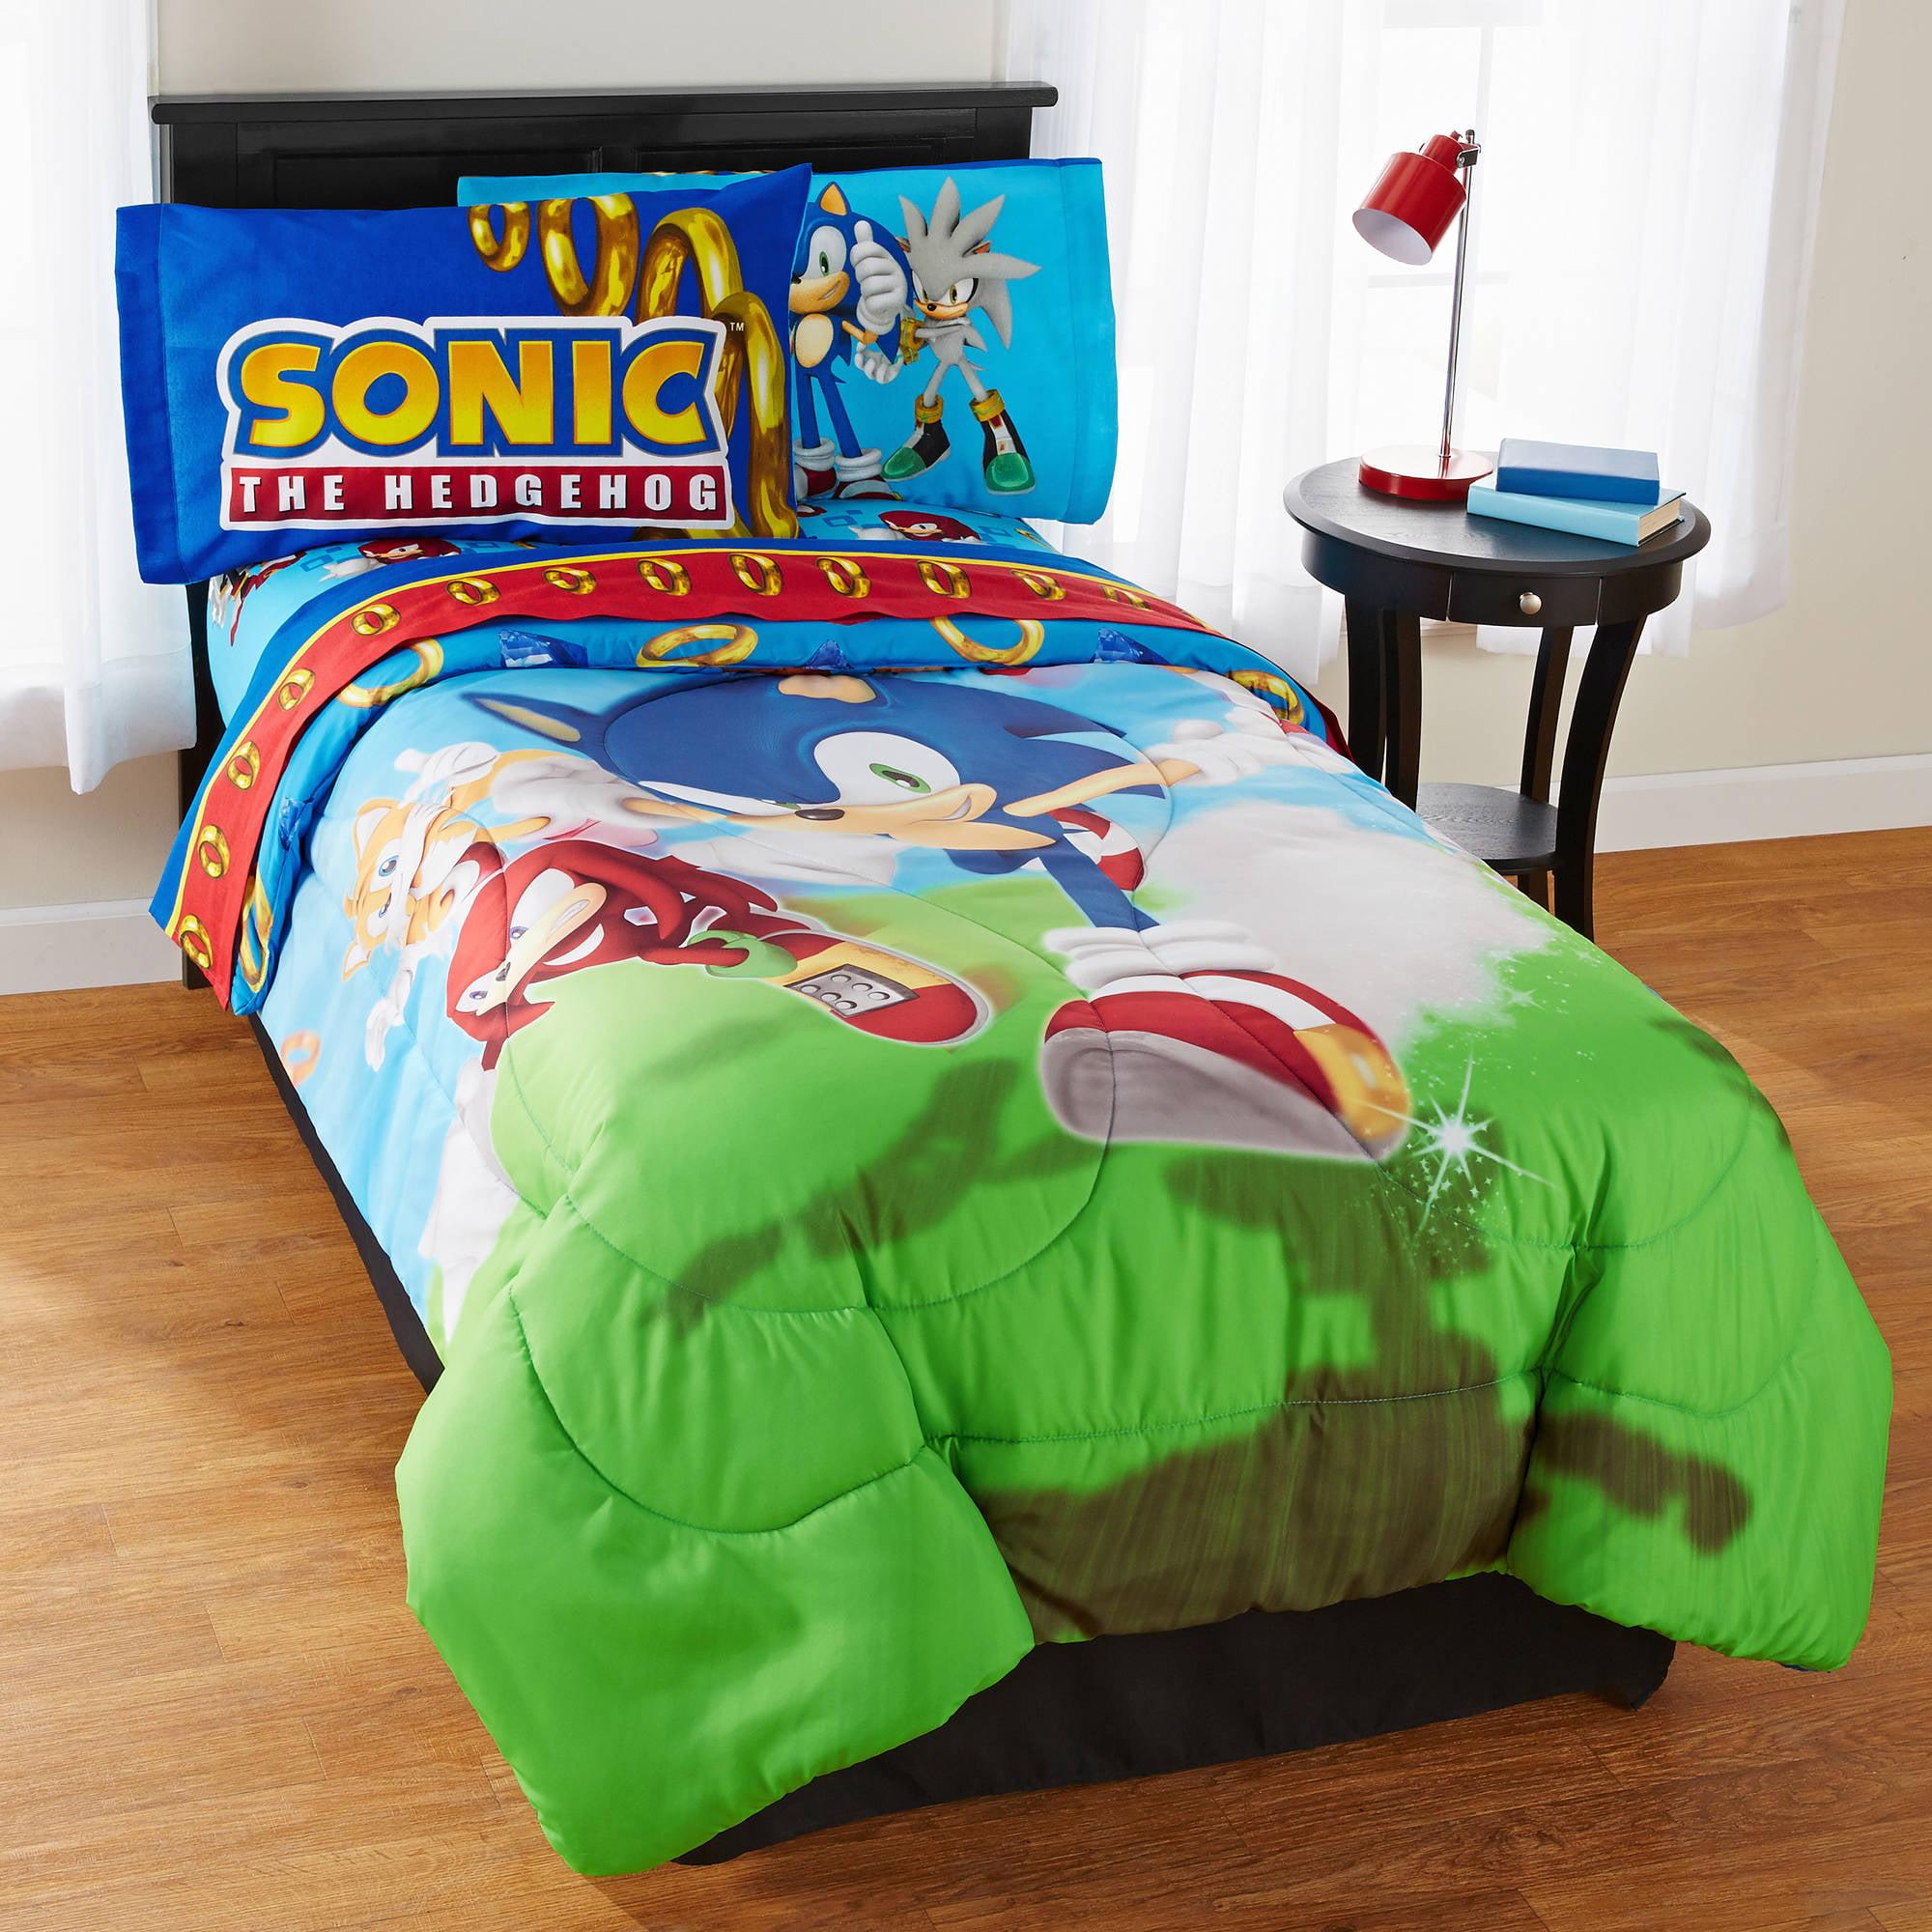 Sonic Speed Microfiber Reversible Comforter   Walmart.com